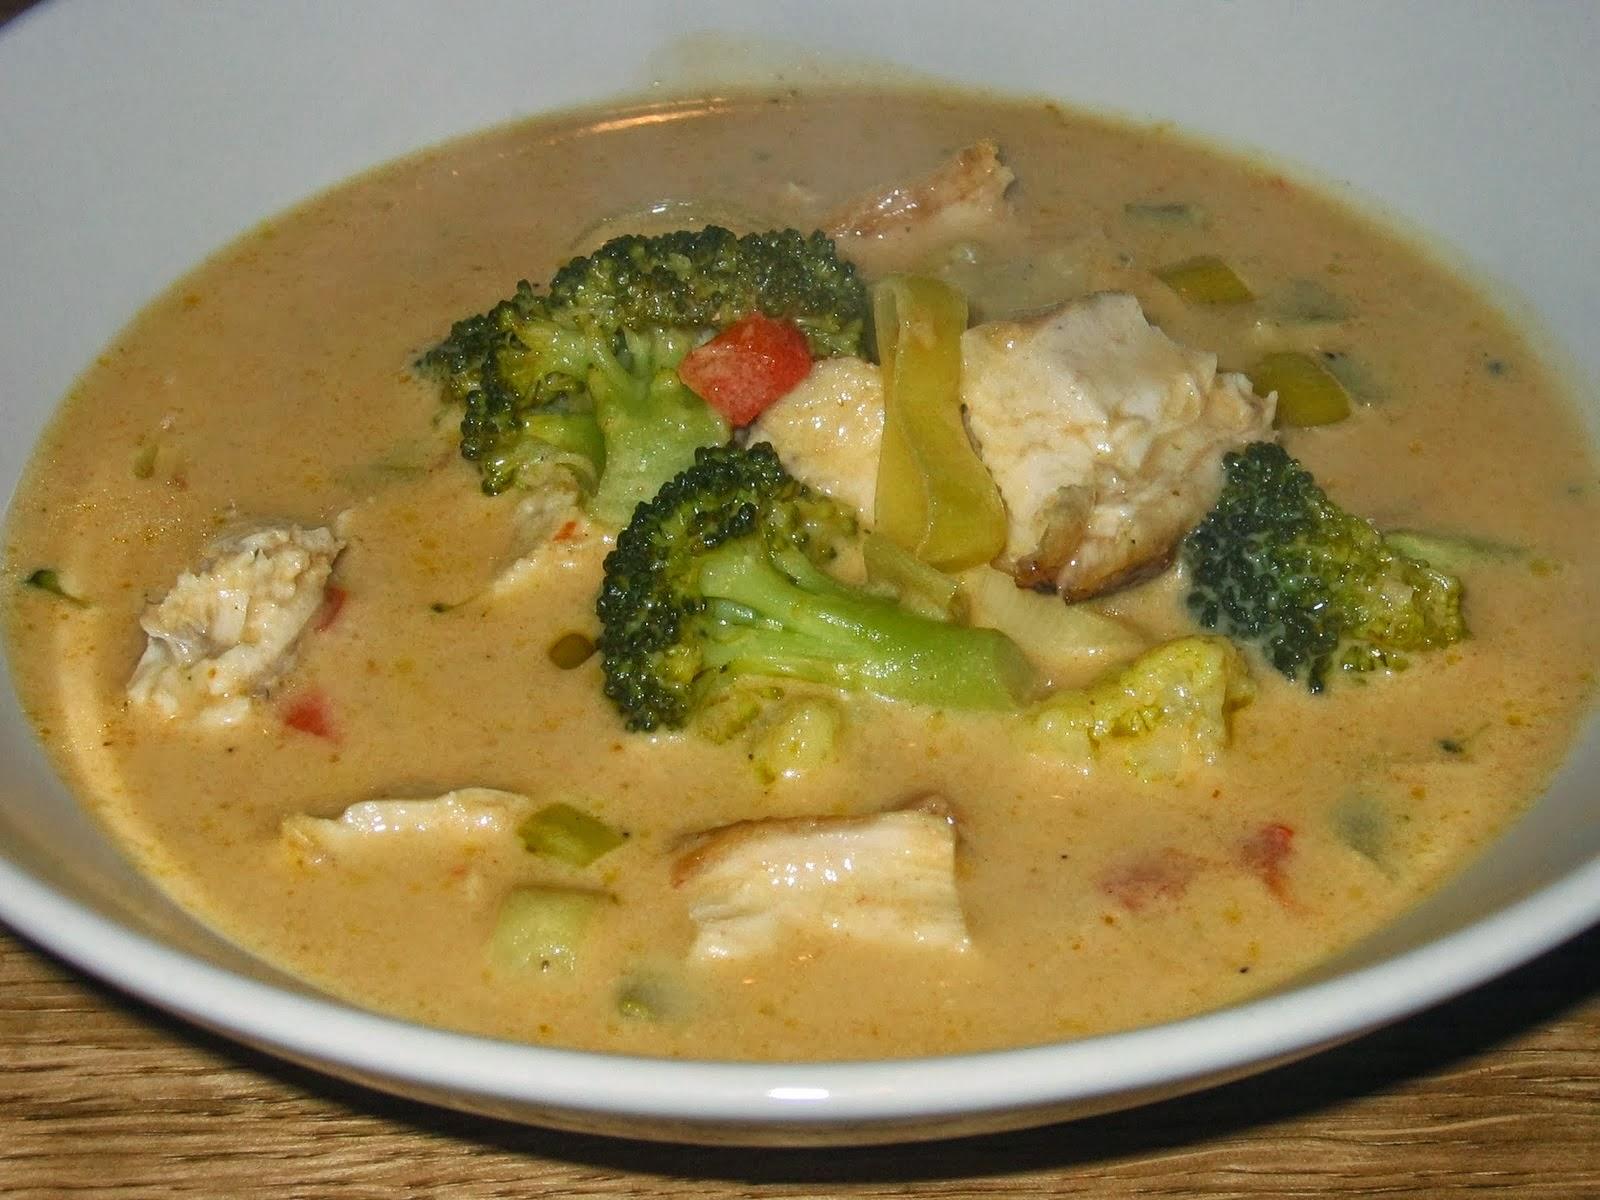 receta para hacer sopa de pescado